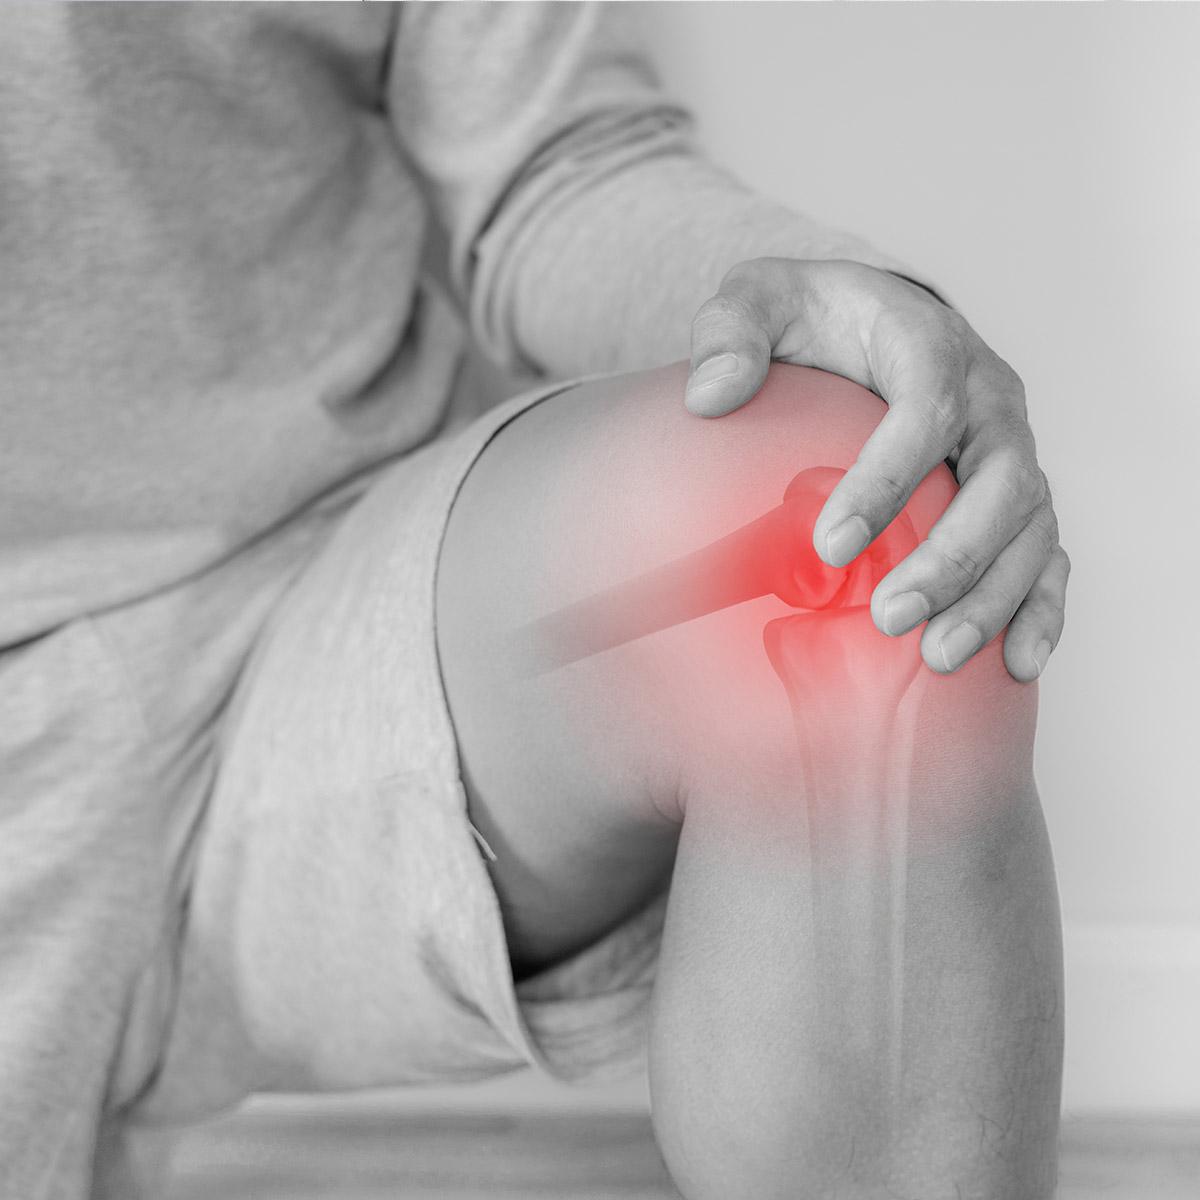 Artróza kloubů končetin a páteře